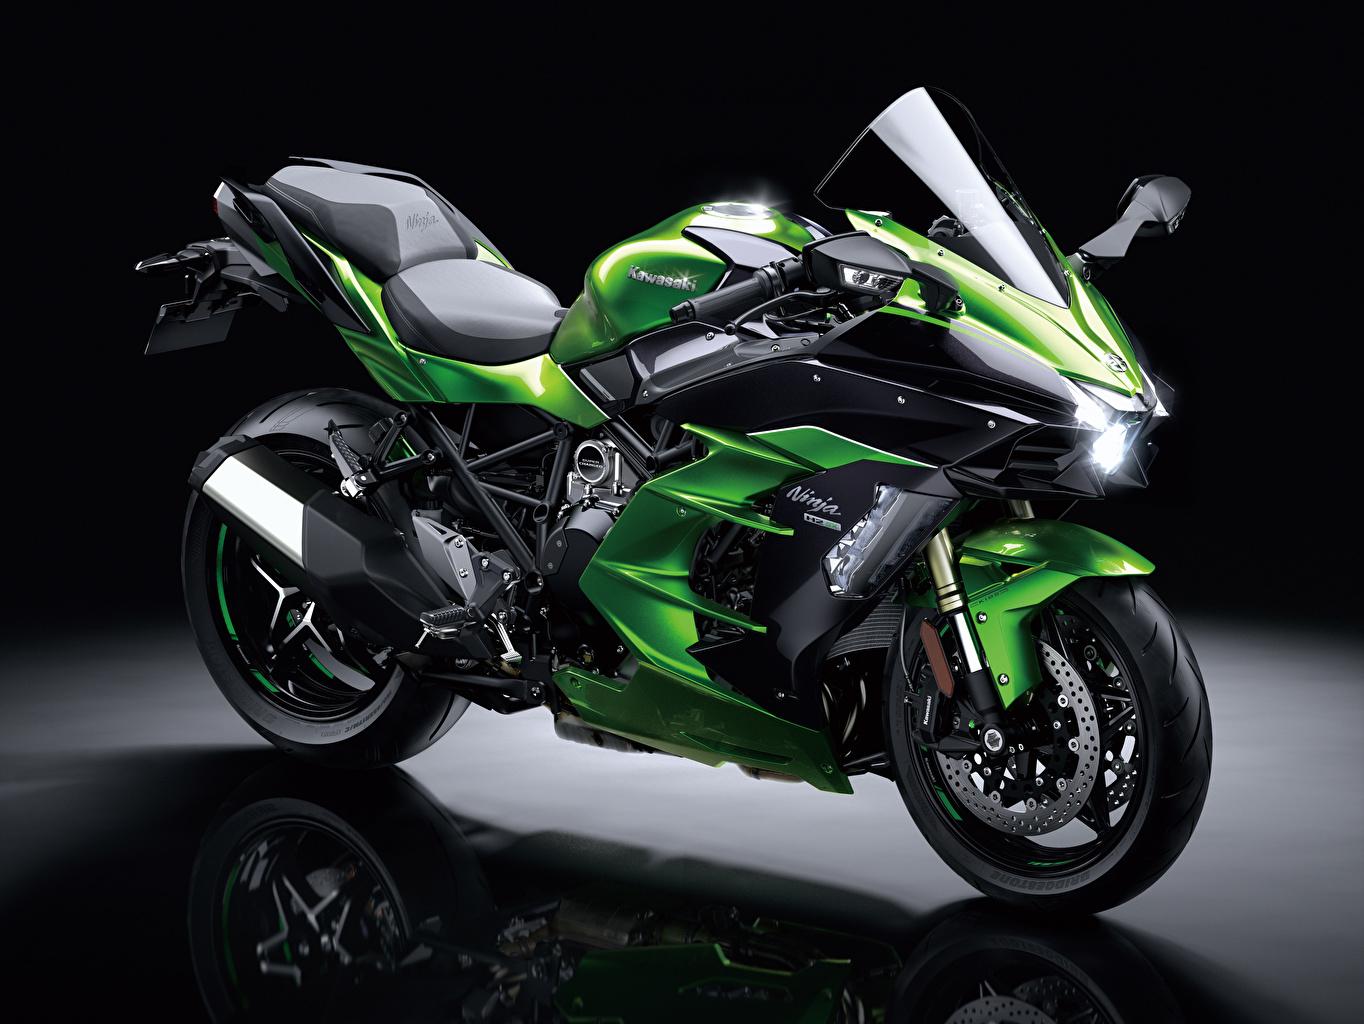 Fotos von Kawasaki 2018-21 Ninja H2 SX Grün Motorrad Motorräder